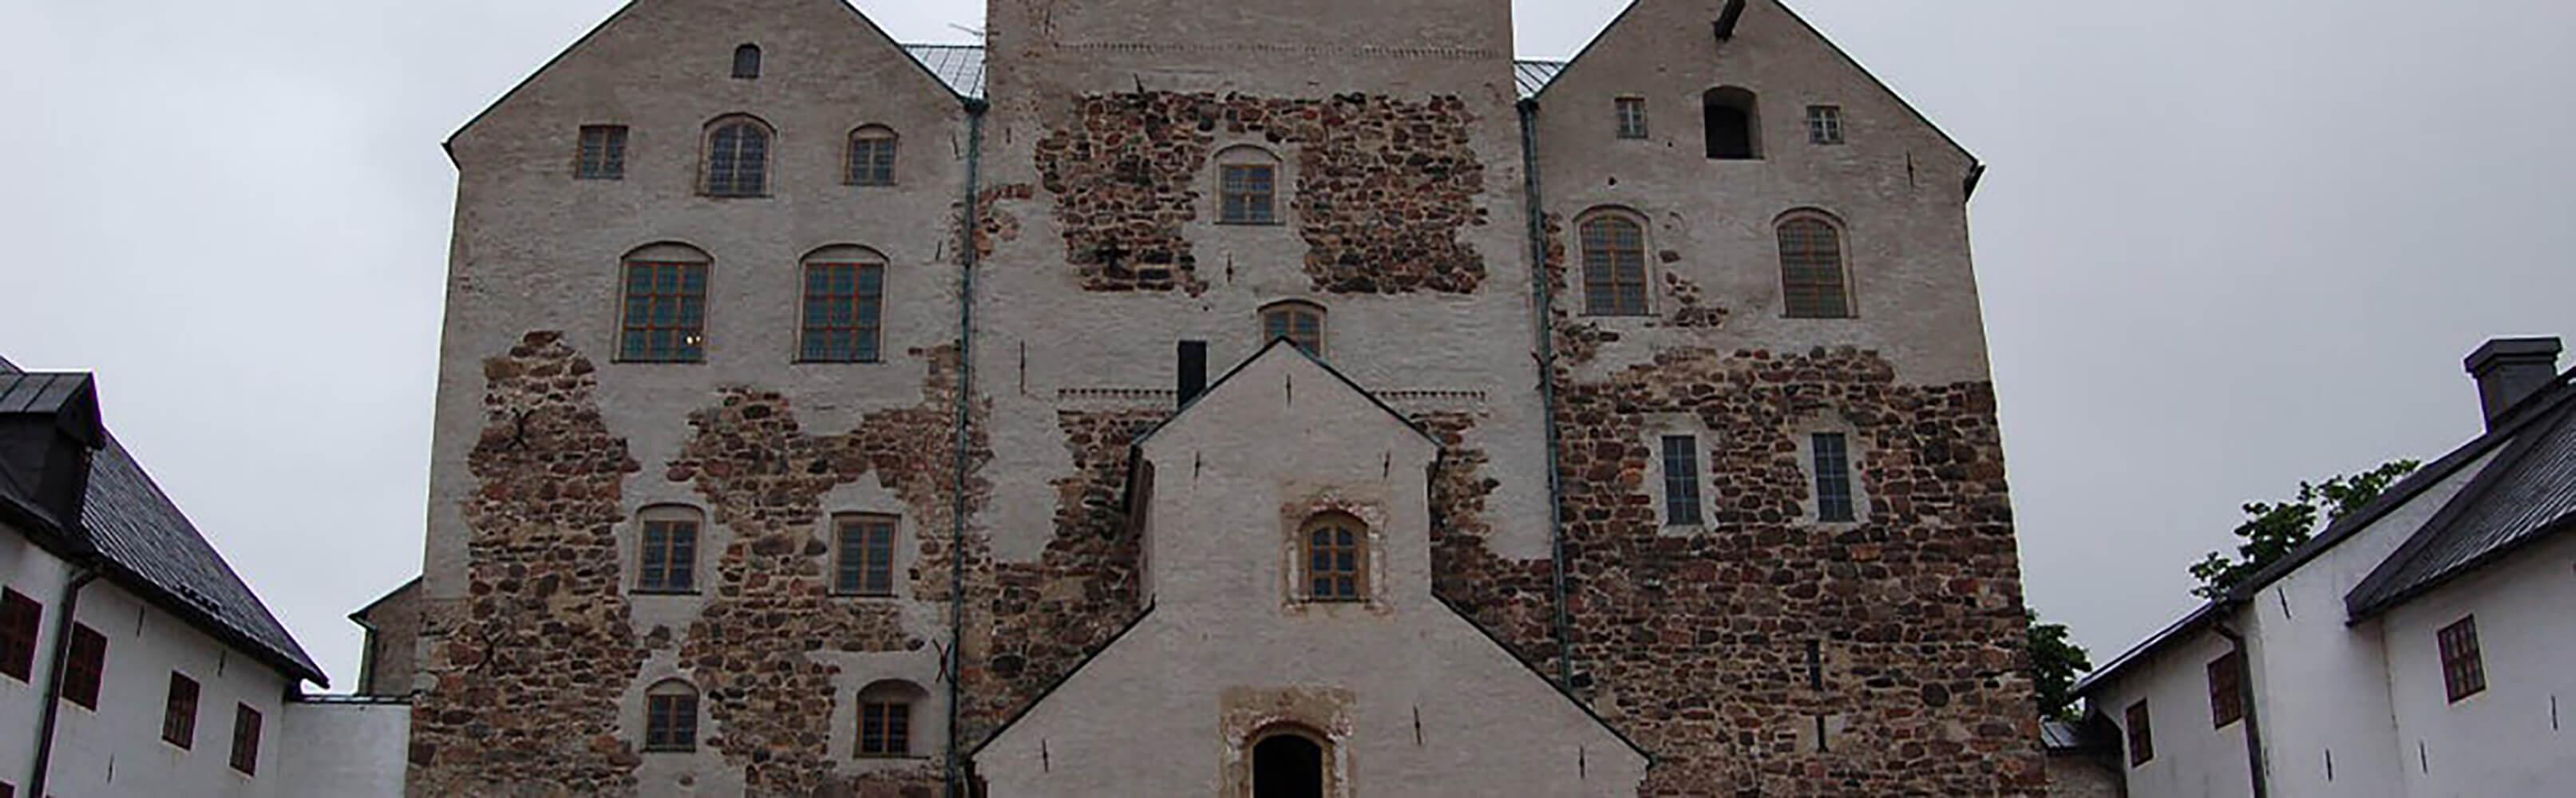 Burg Turku 1